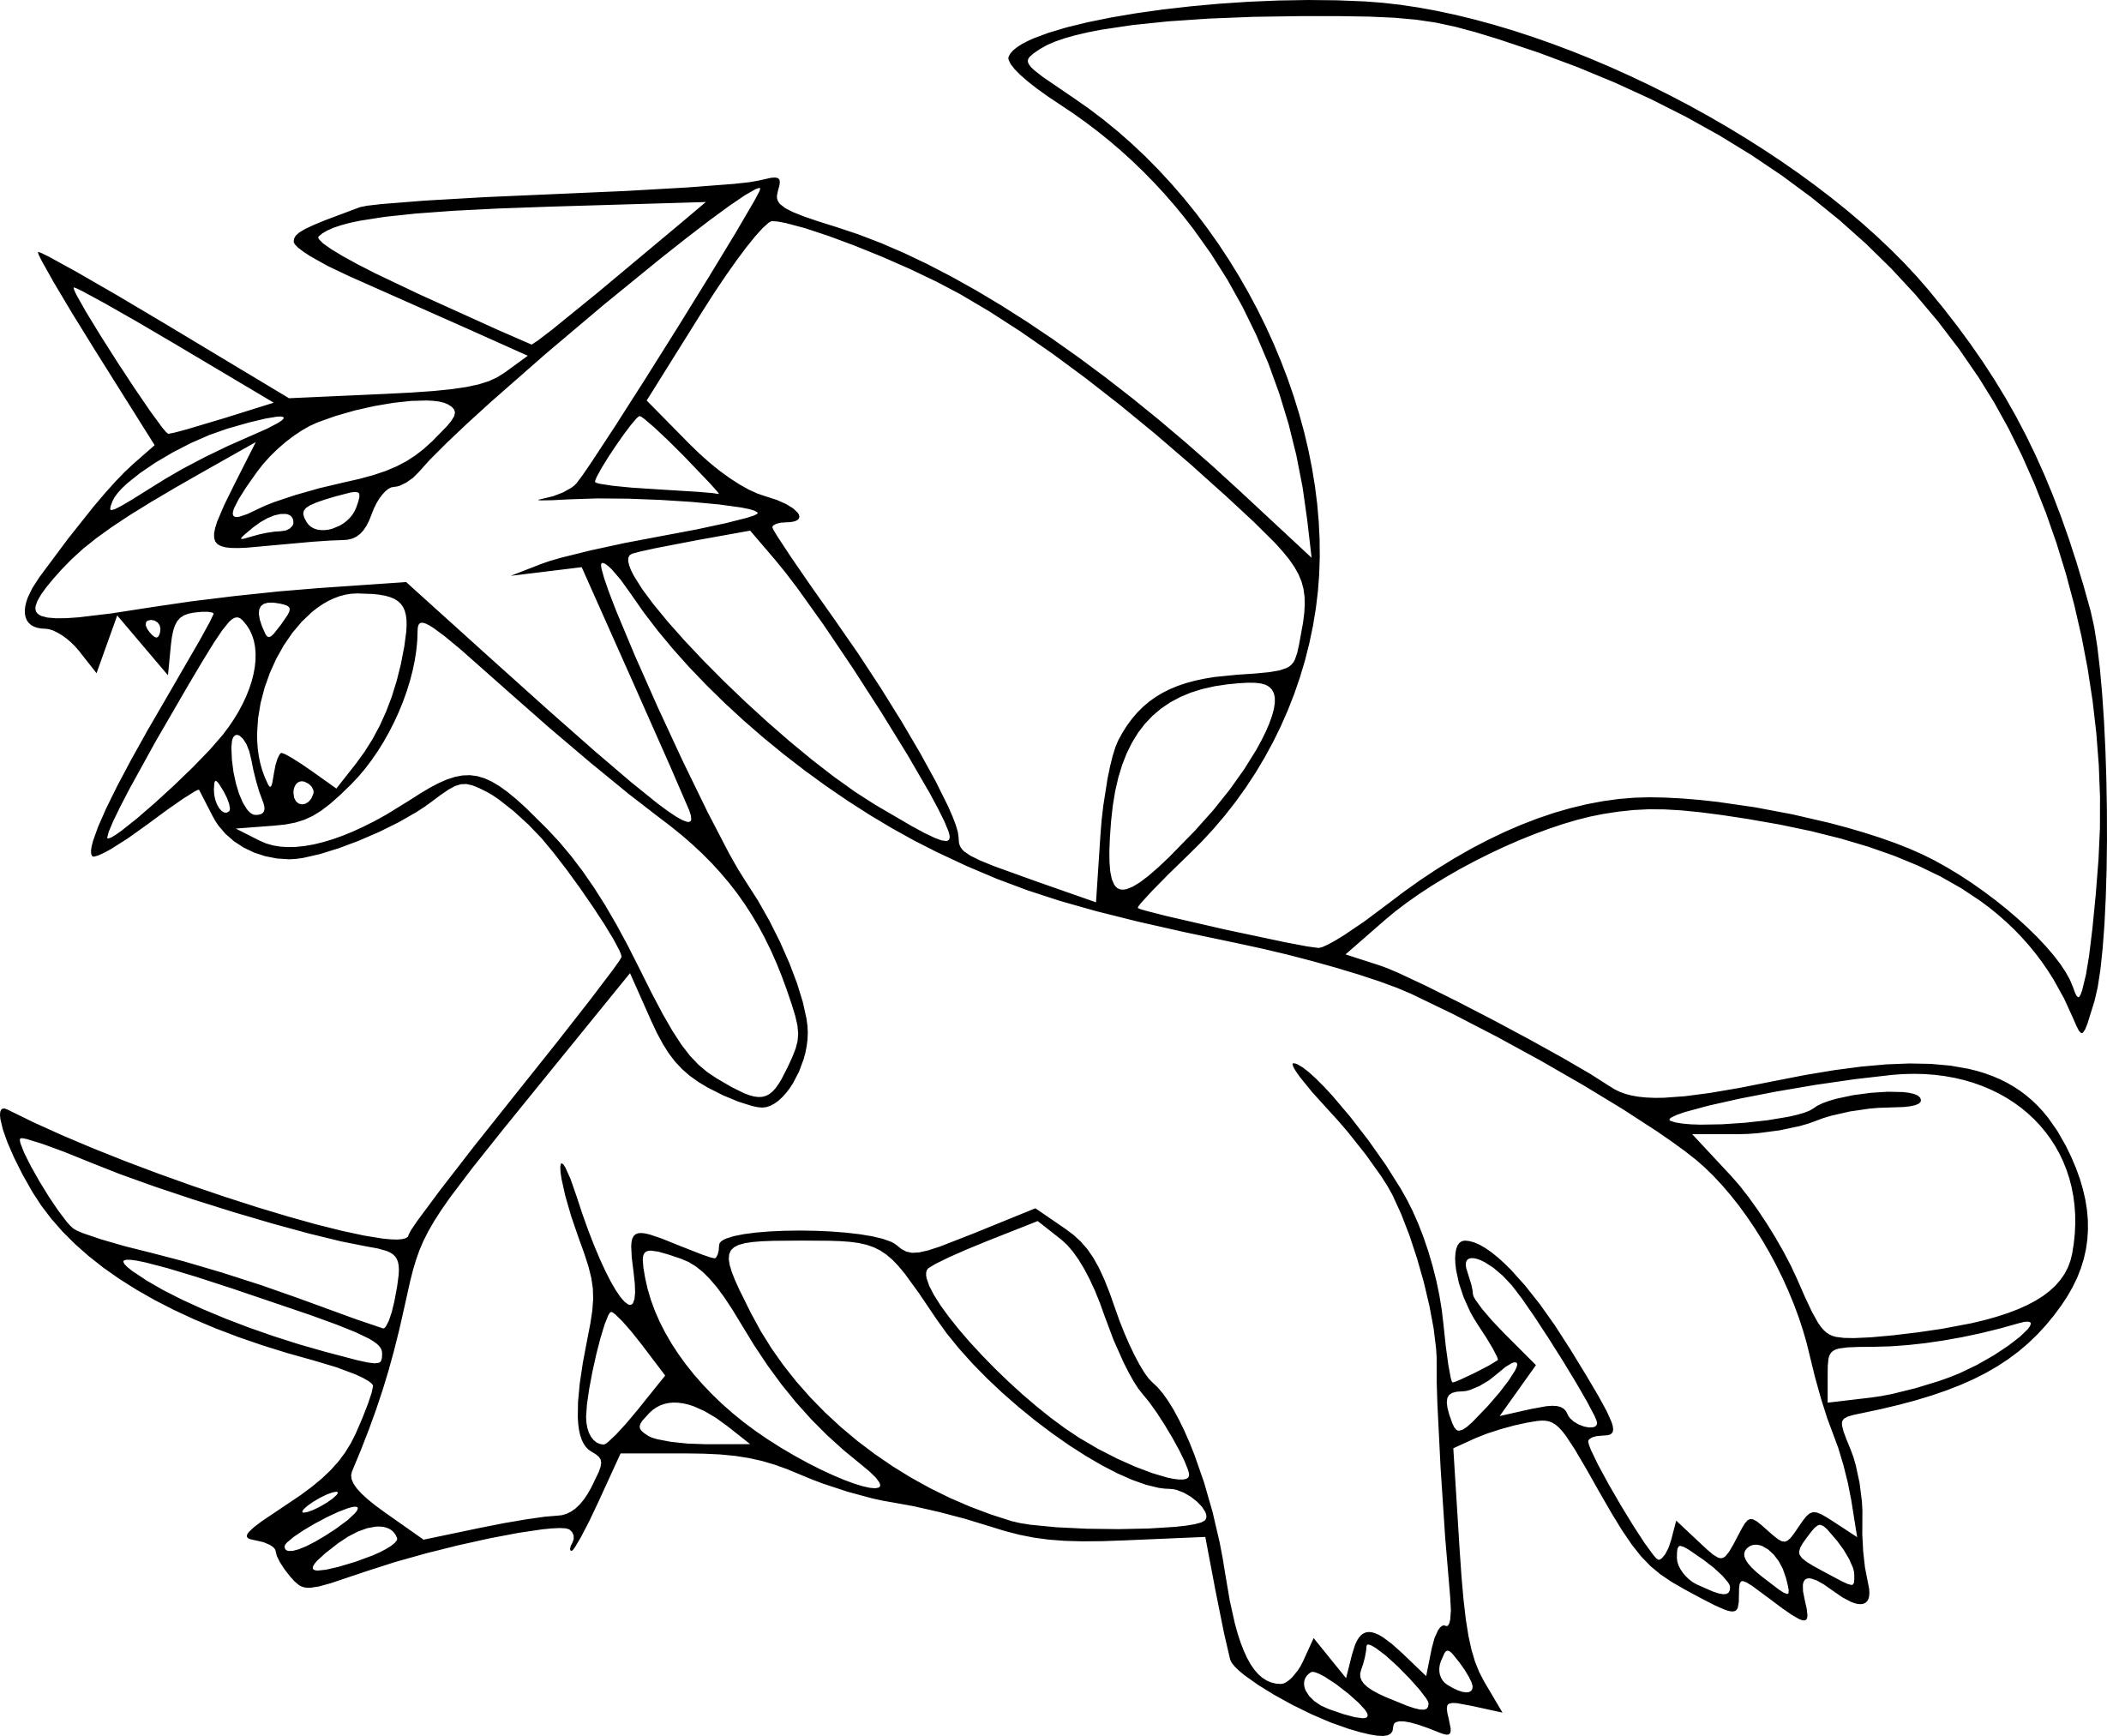 Coloriage Drattak Pokemon Dragon à imprimer et colorier